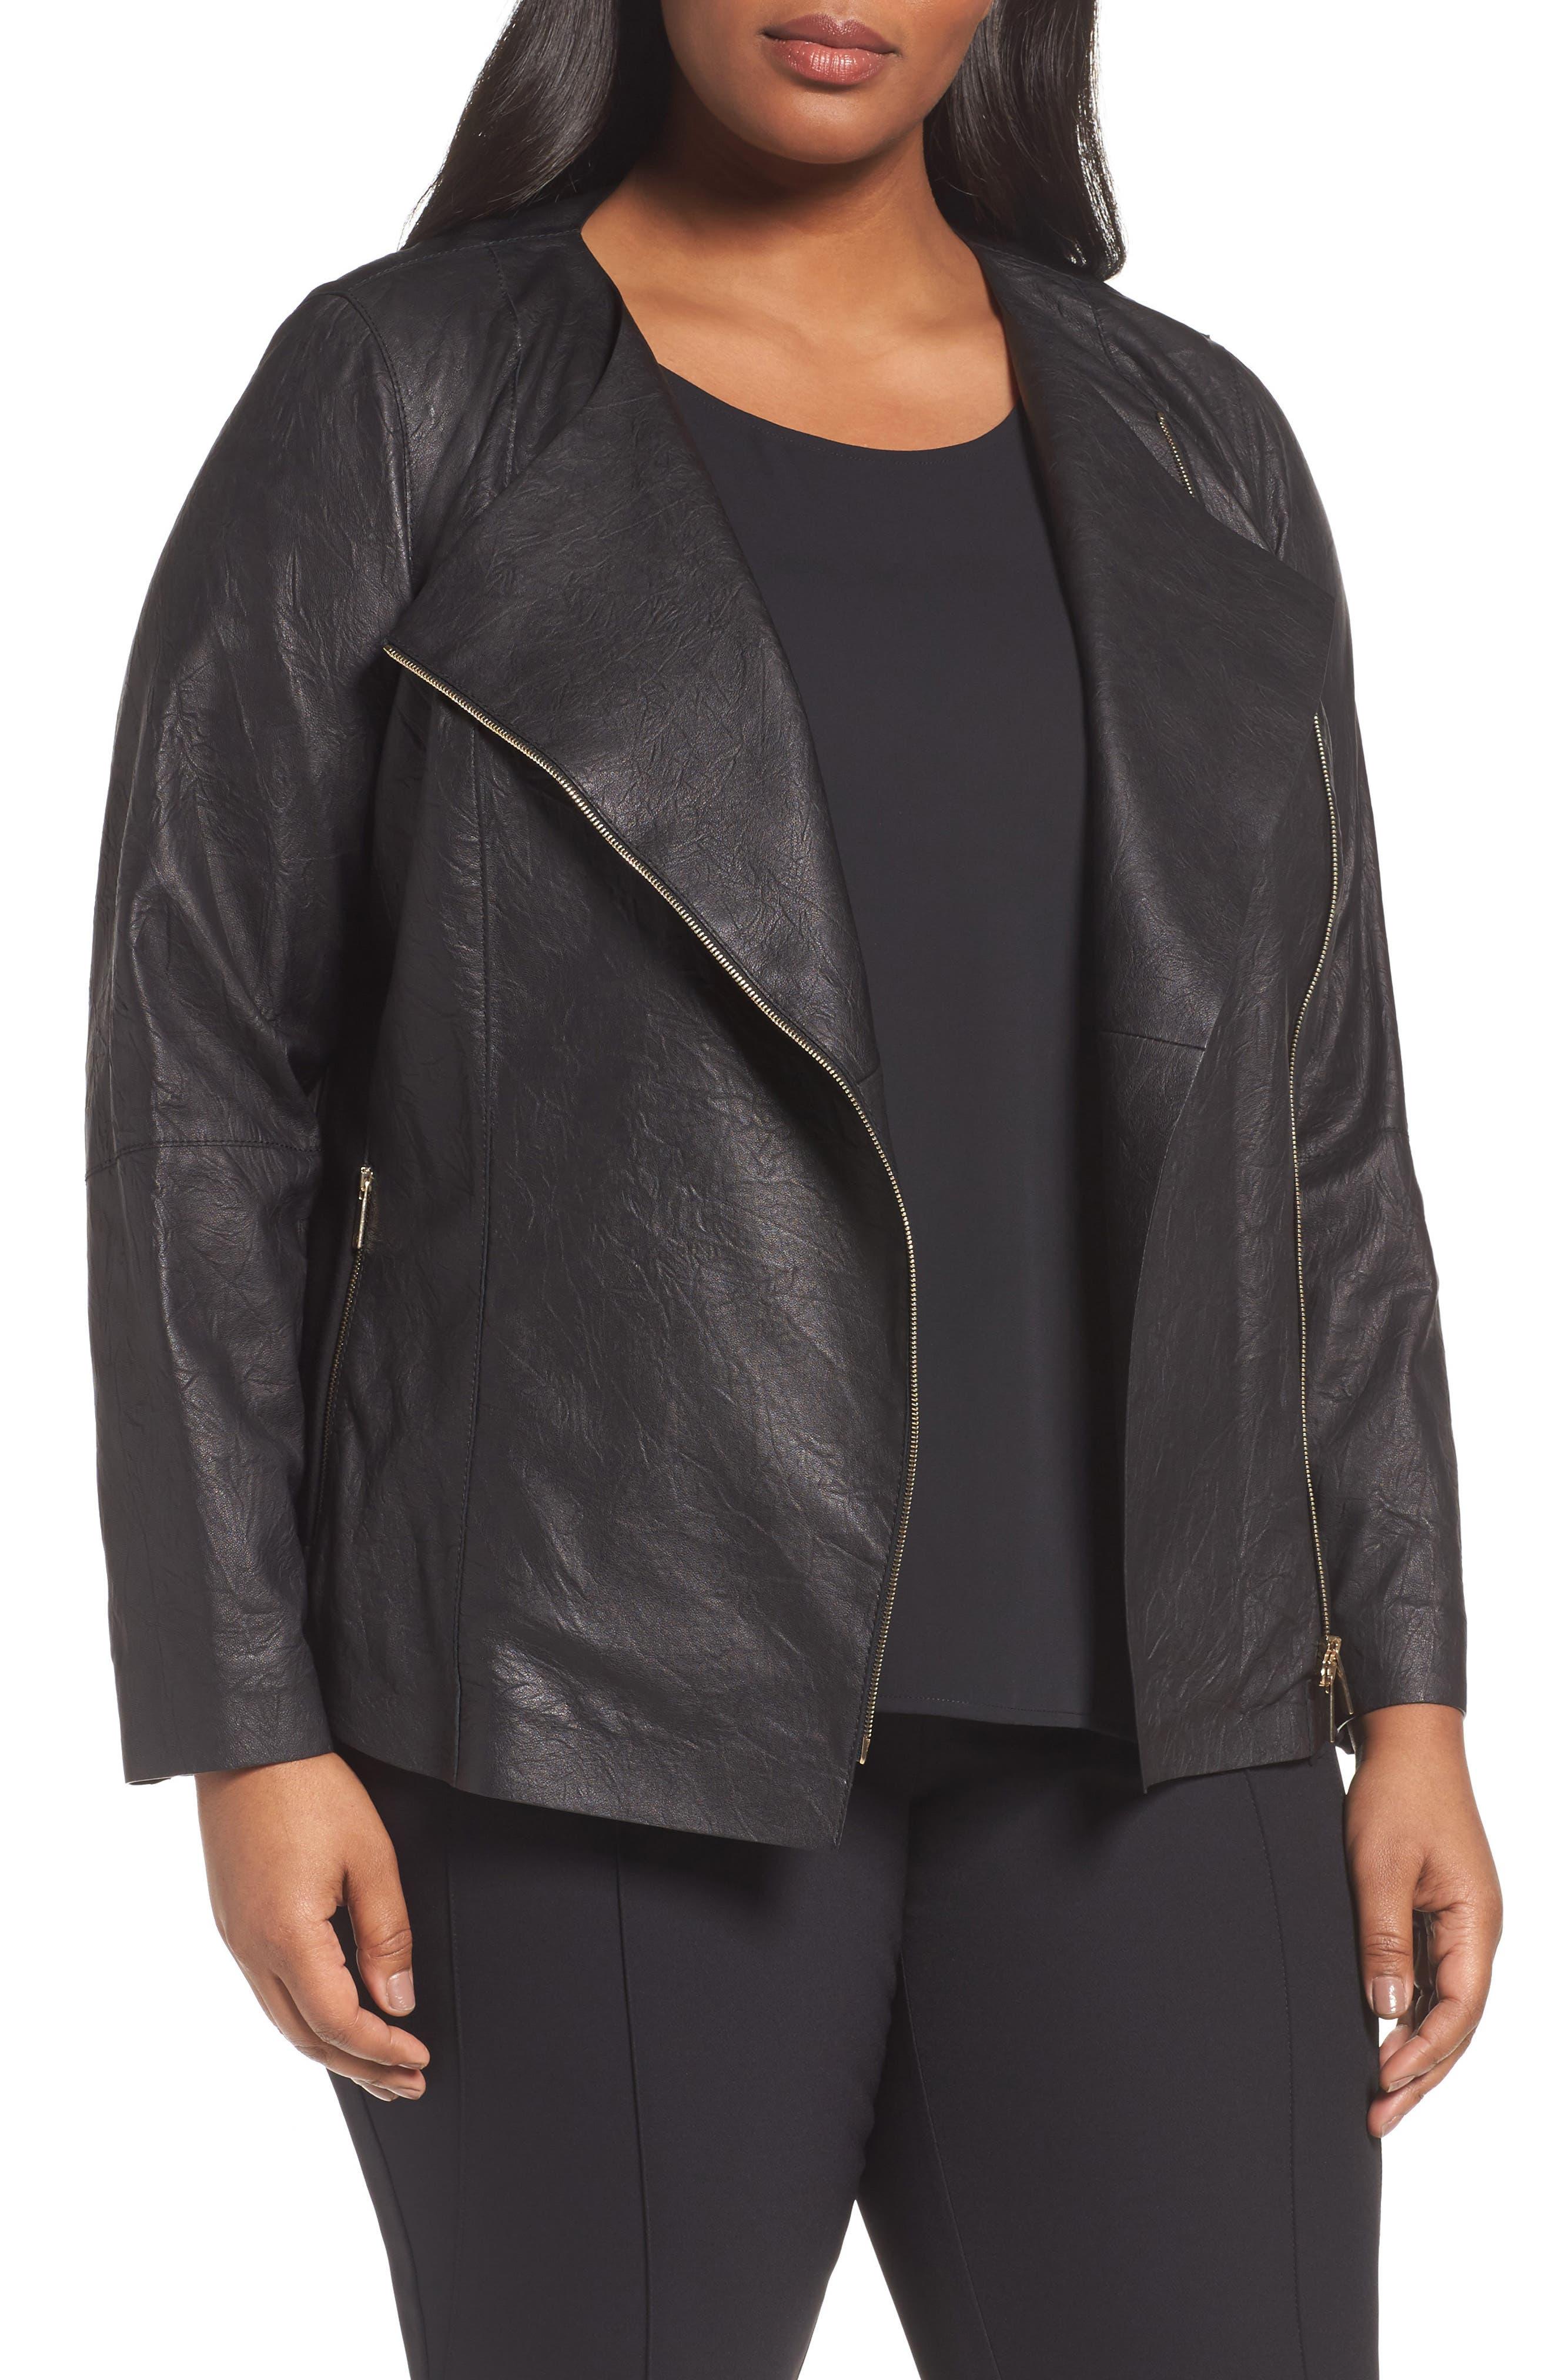 Aimes Leather Jacket,                             Main thumbnail 1, color,